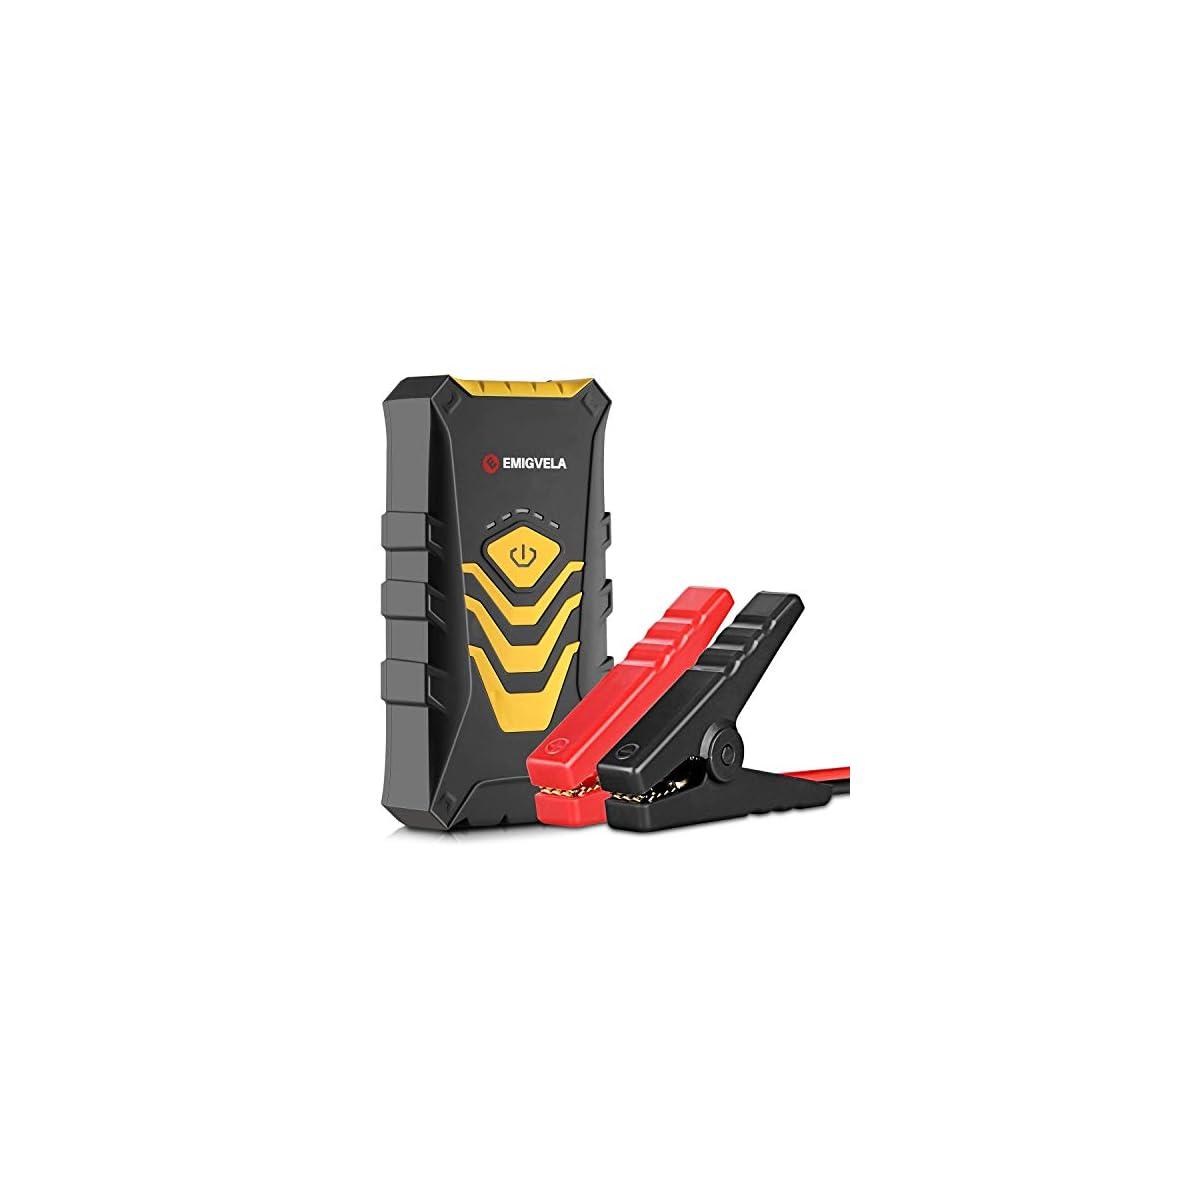 419COngi4QL. SS1200  - EMIGVELA Jump Starter de 14000mAh, 500A Arrancador de Coche, Multifuncion de Linterna LED, Bateria Externa